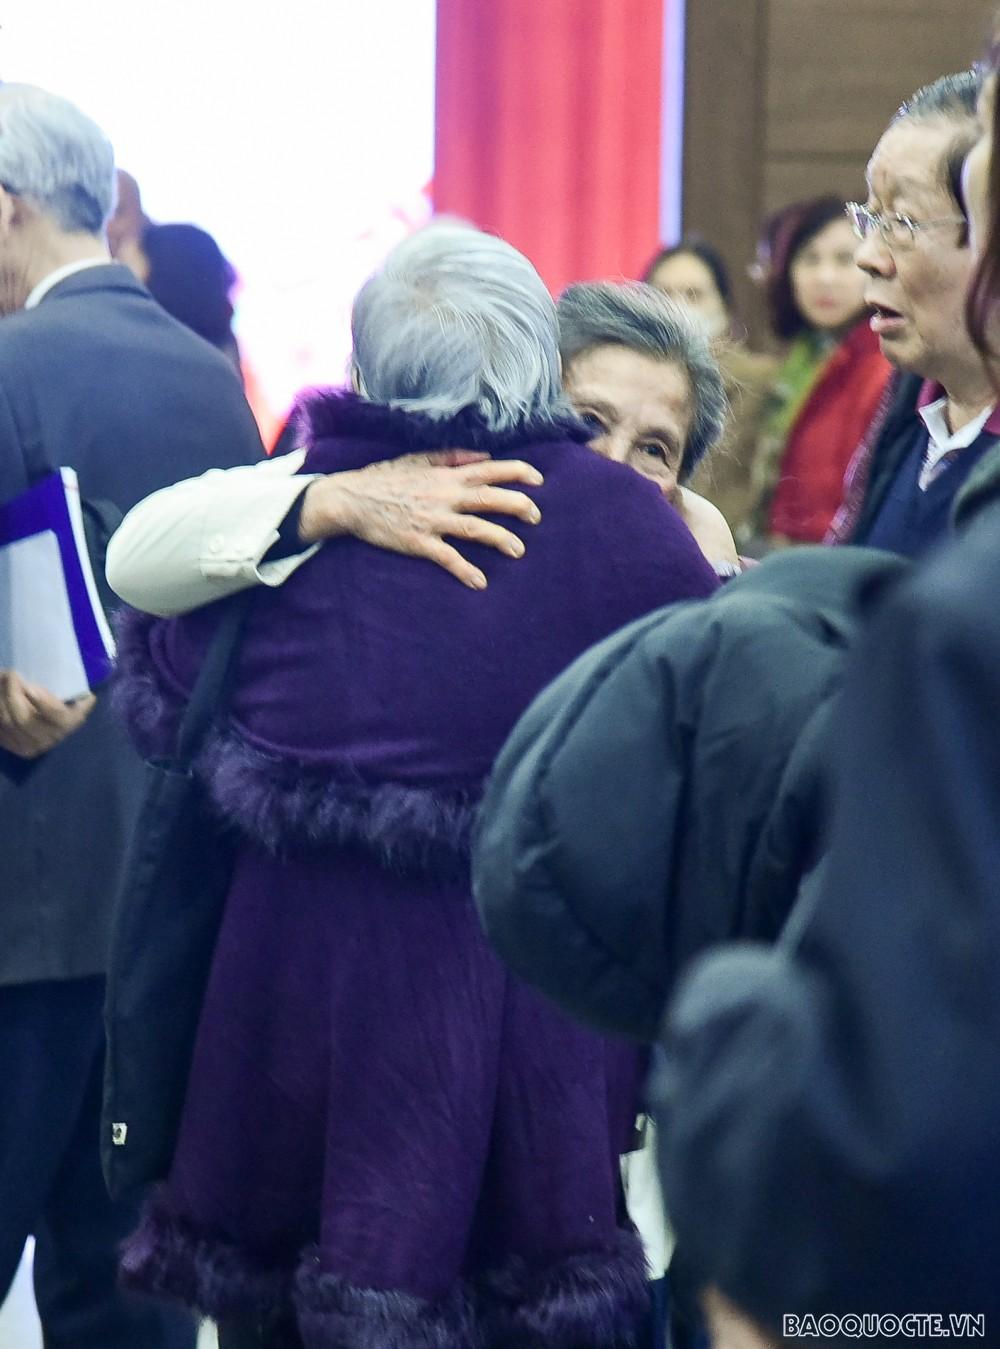 Phó Thủ tướng Phạm Bình Minh mừng thọ các cán bộ hưu trí Bộ Ngoại giao